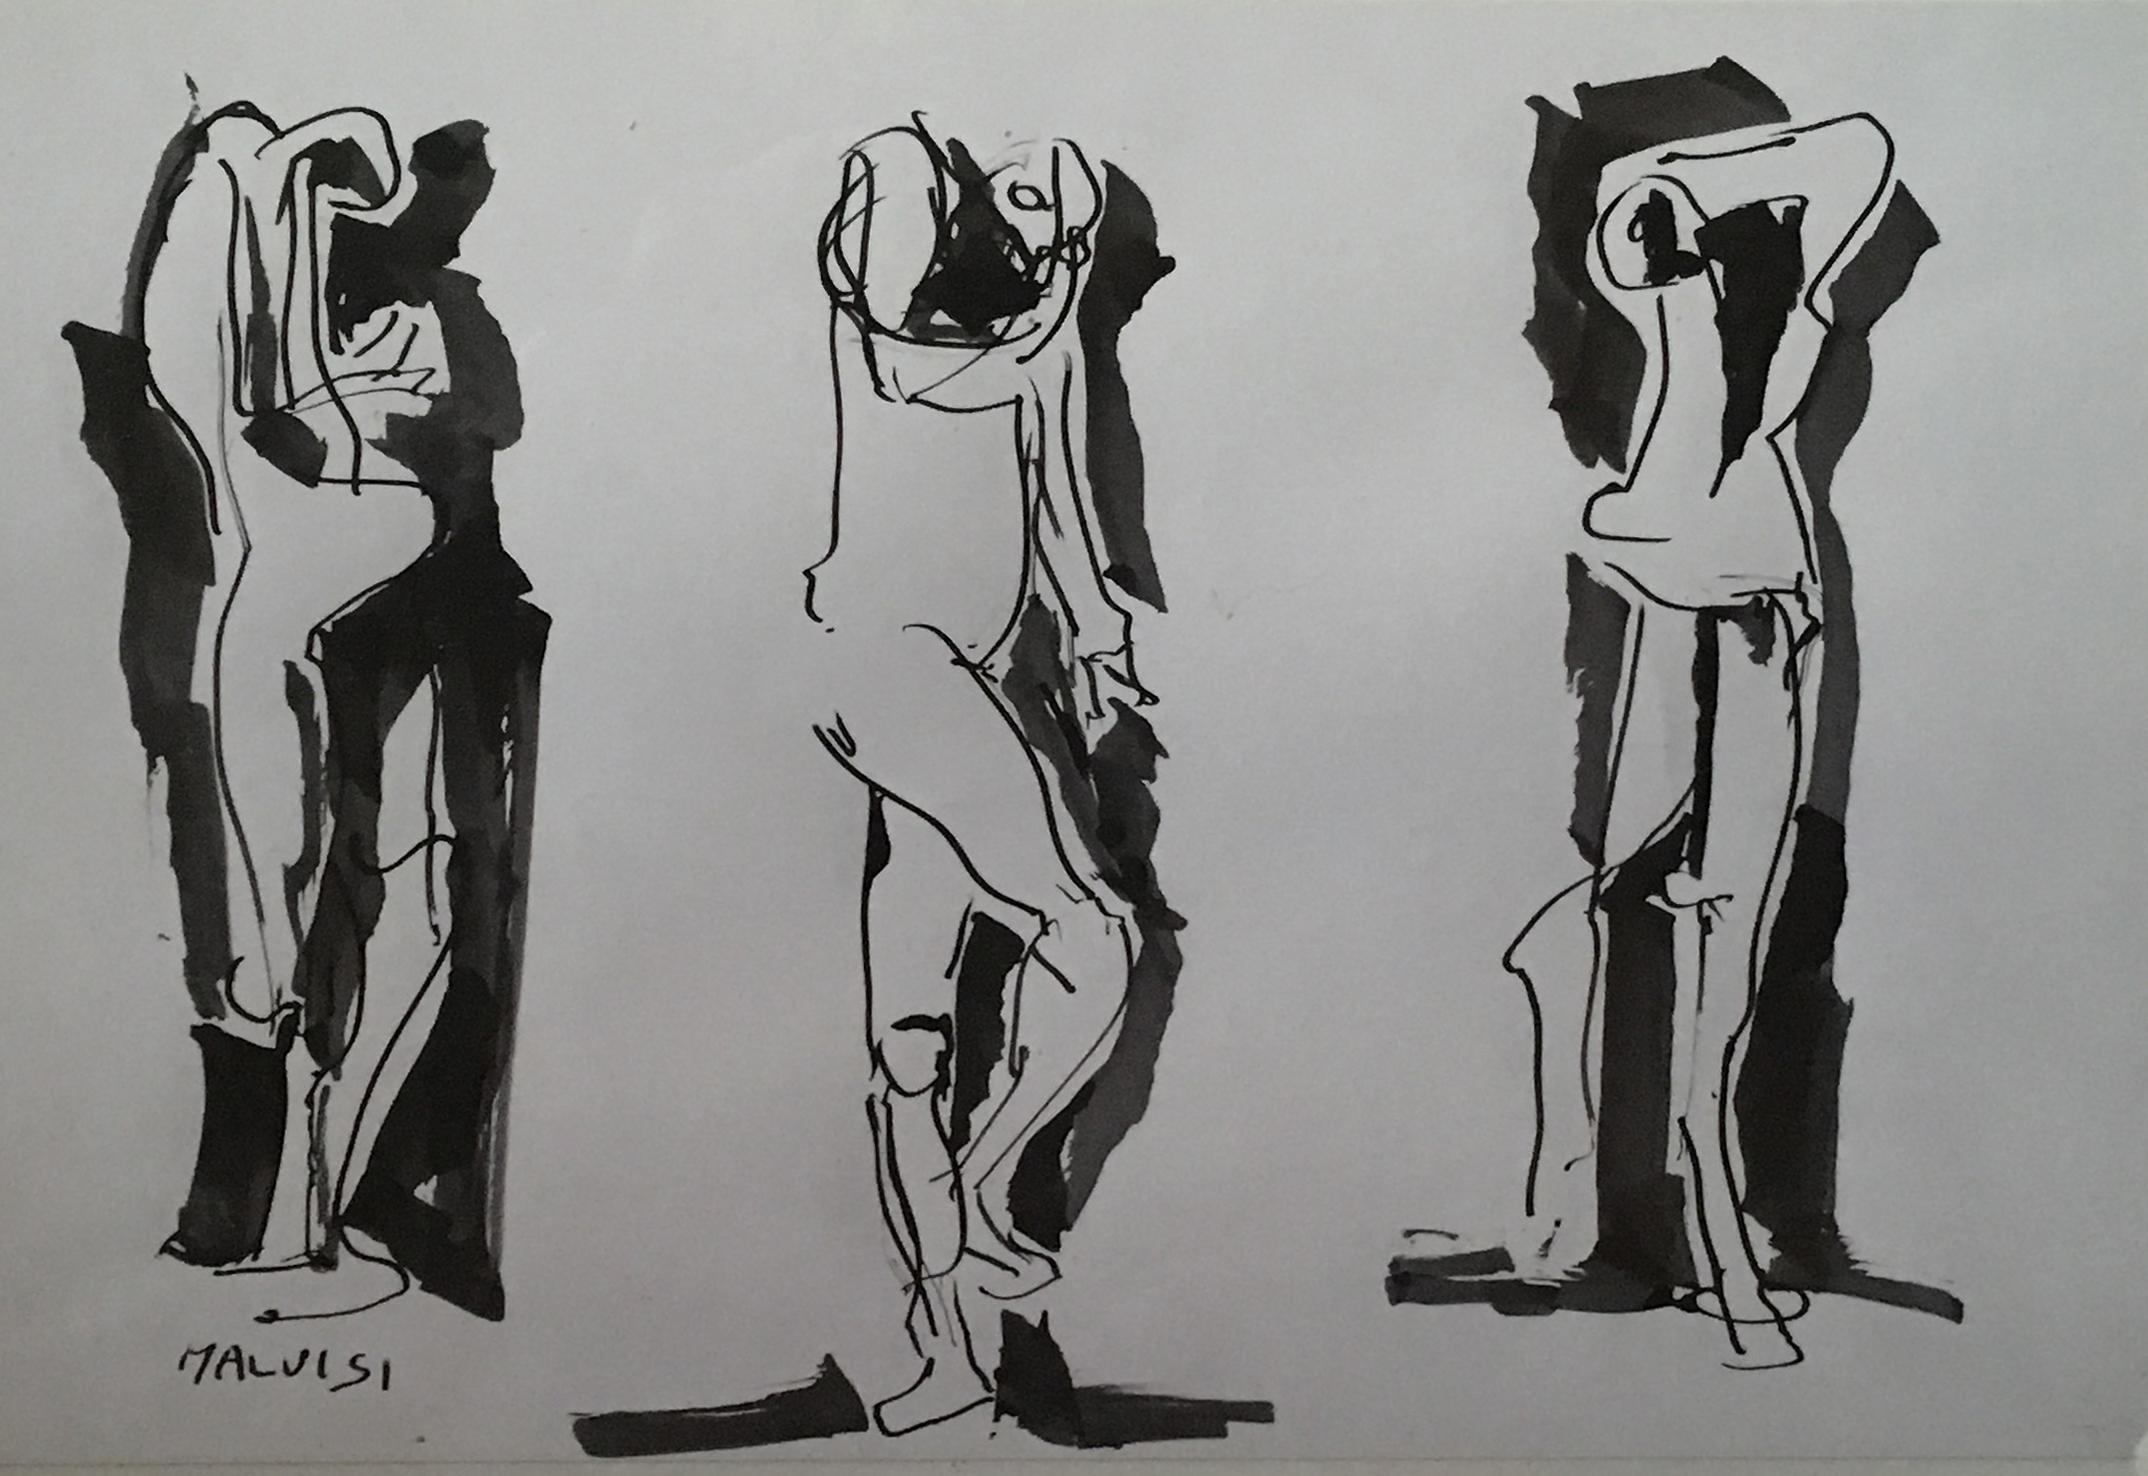 <b>Movements</b><br> (Orig.Movimenti)<br> 1996 Watercolor ink <br> cm 70 x 40